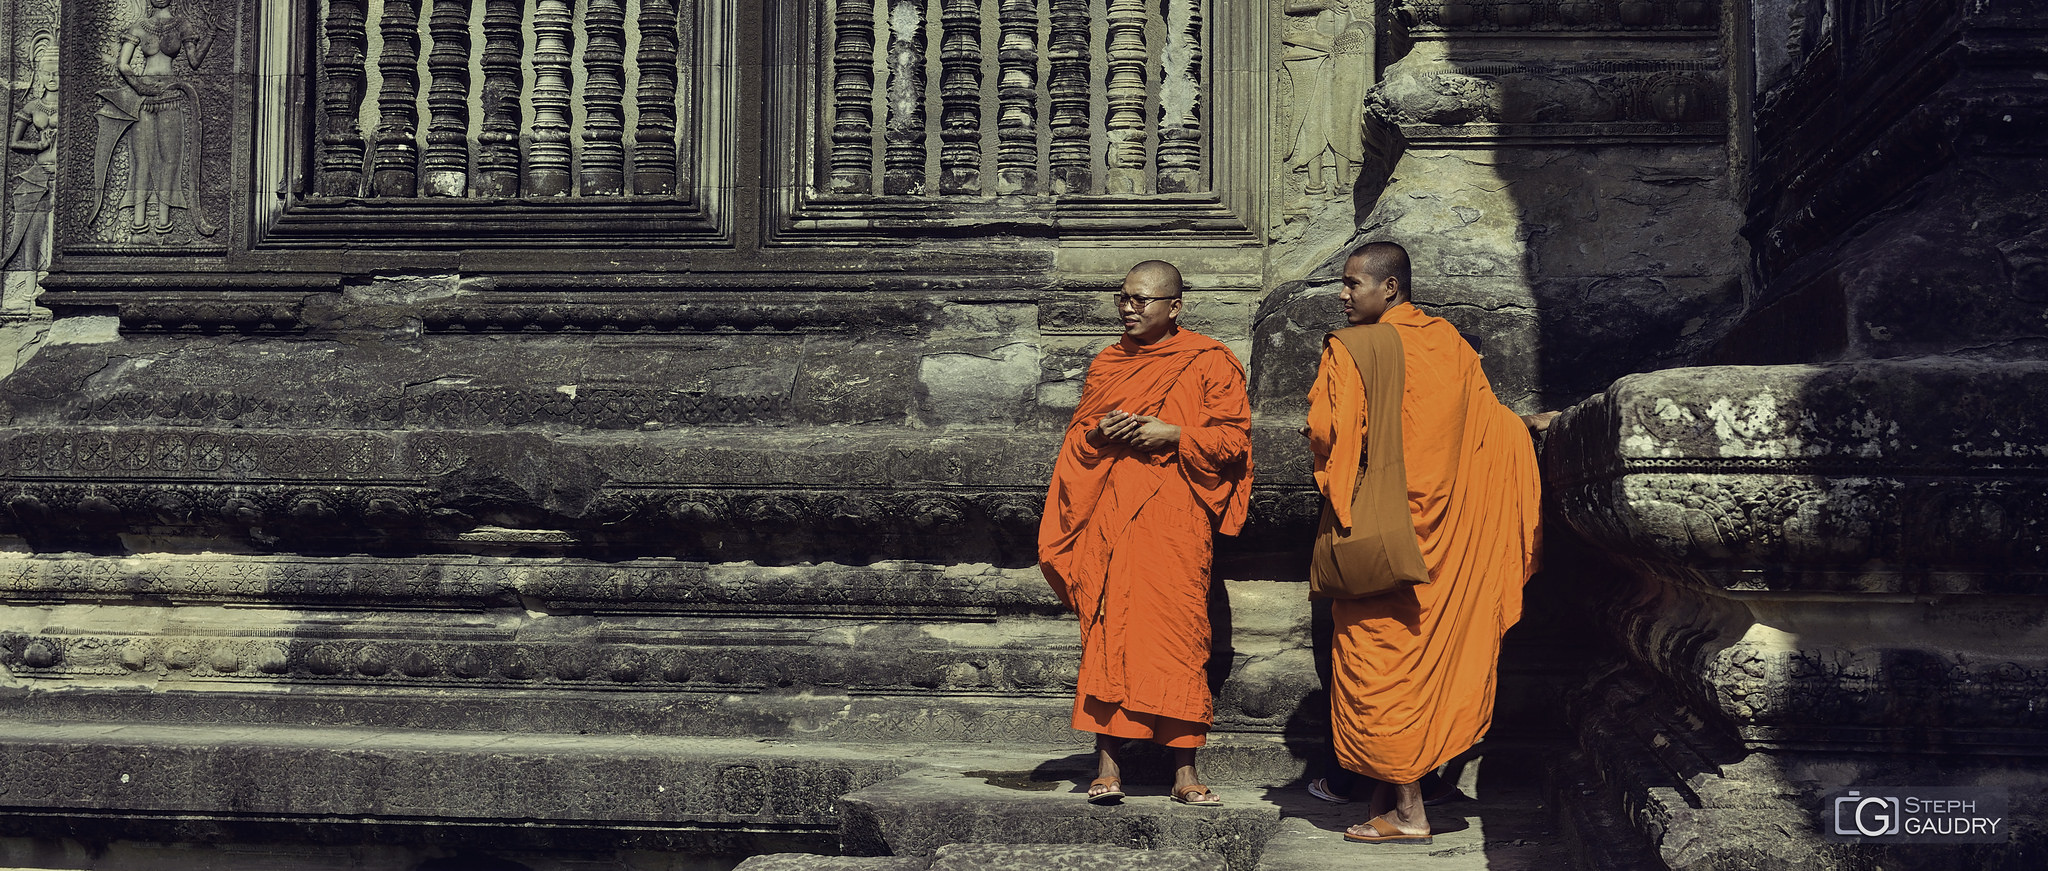 Bouddhistes dans les anciens temples au Cambodge [Klik om de diavoorstelling te starten]